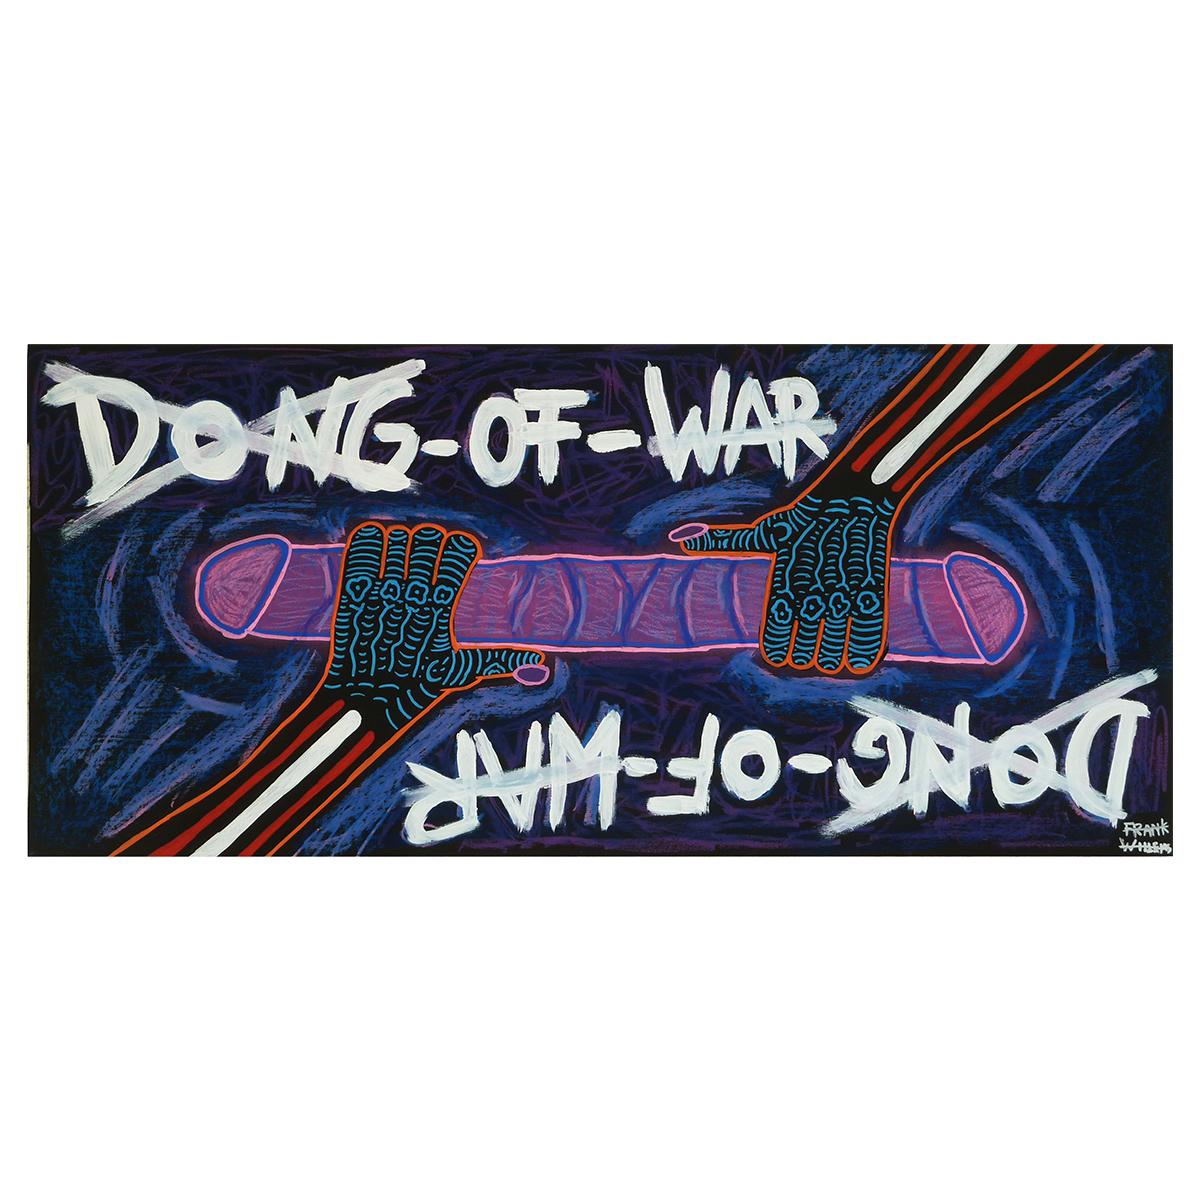 DONG-OF-WAR - Frank Willems